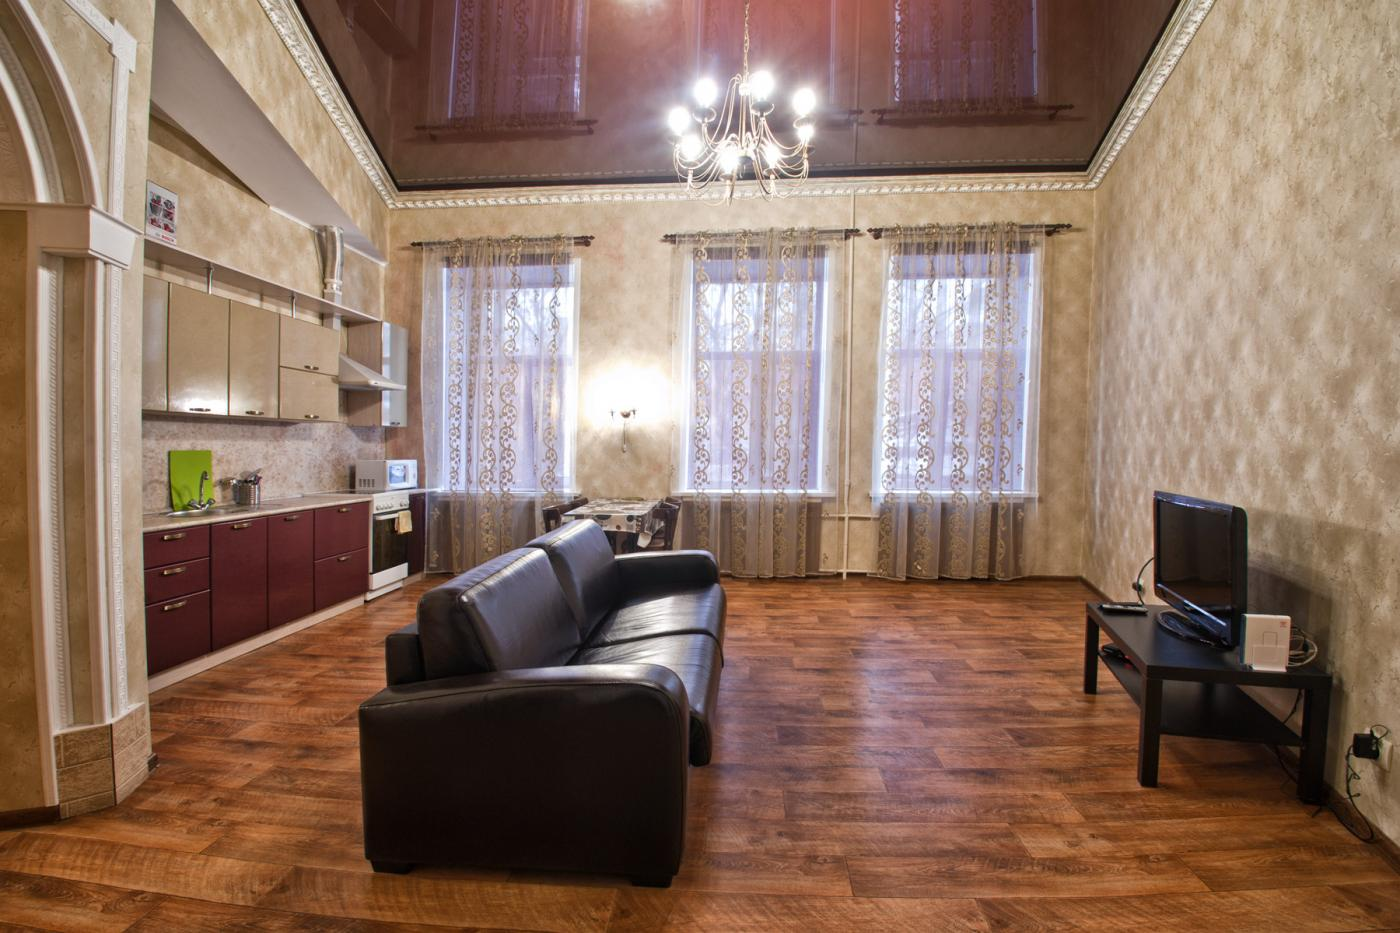 3-комнатная квартира посуточно (вариант № 1194), ул. Дзержинского улица, фото № 2